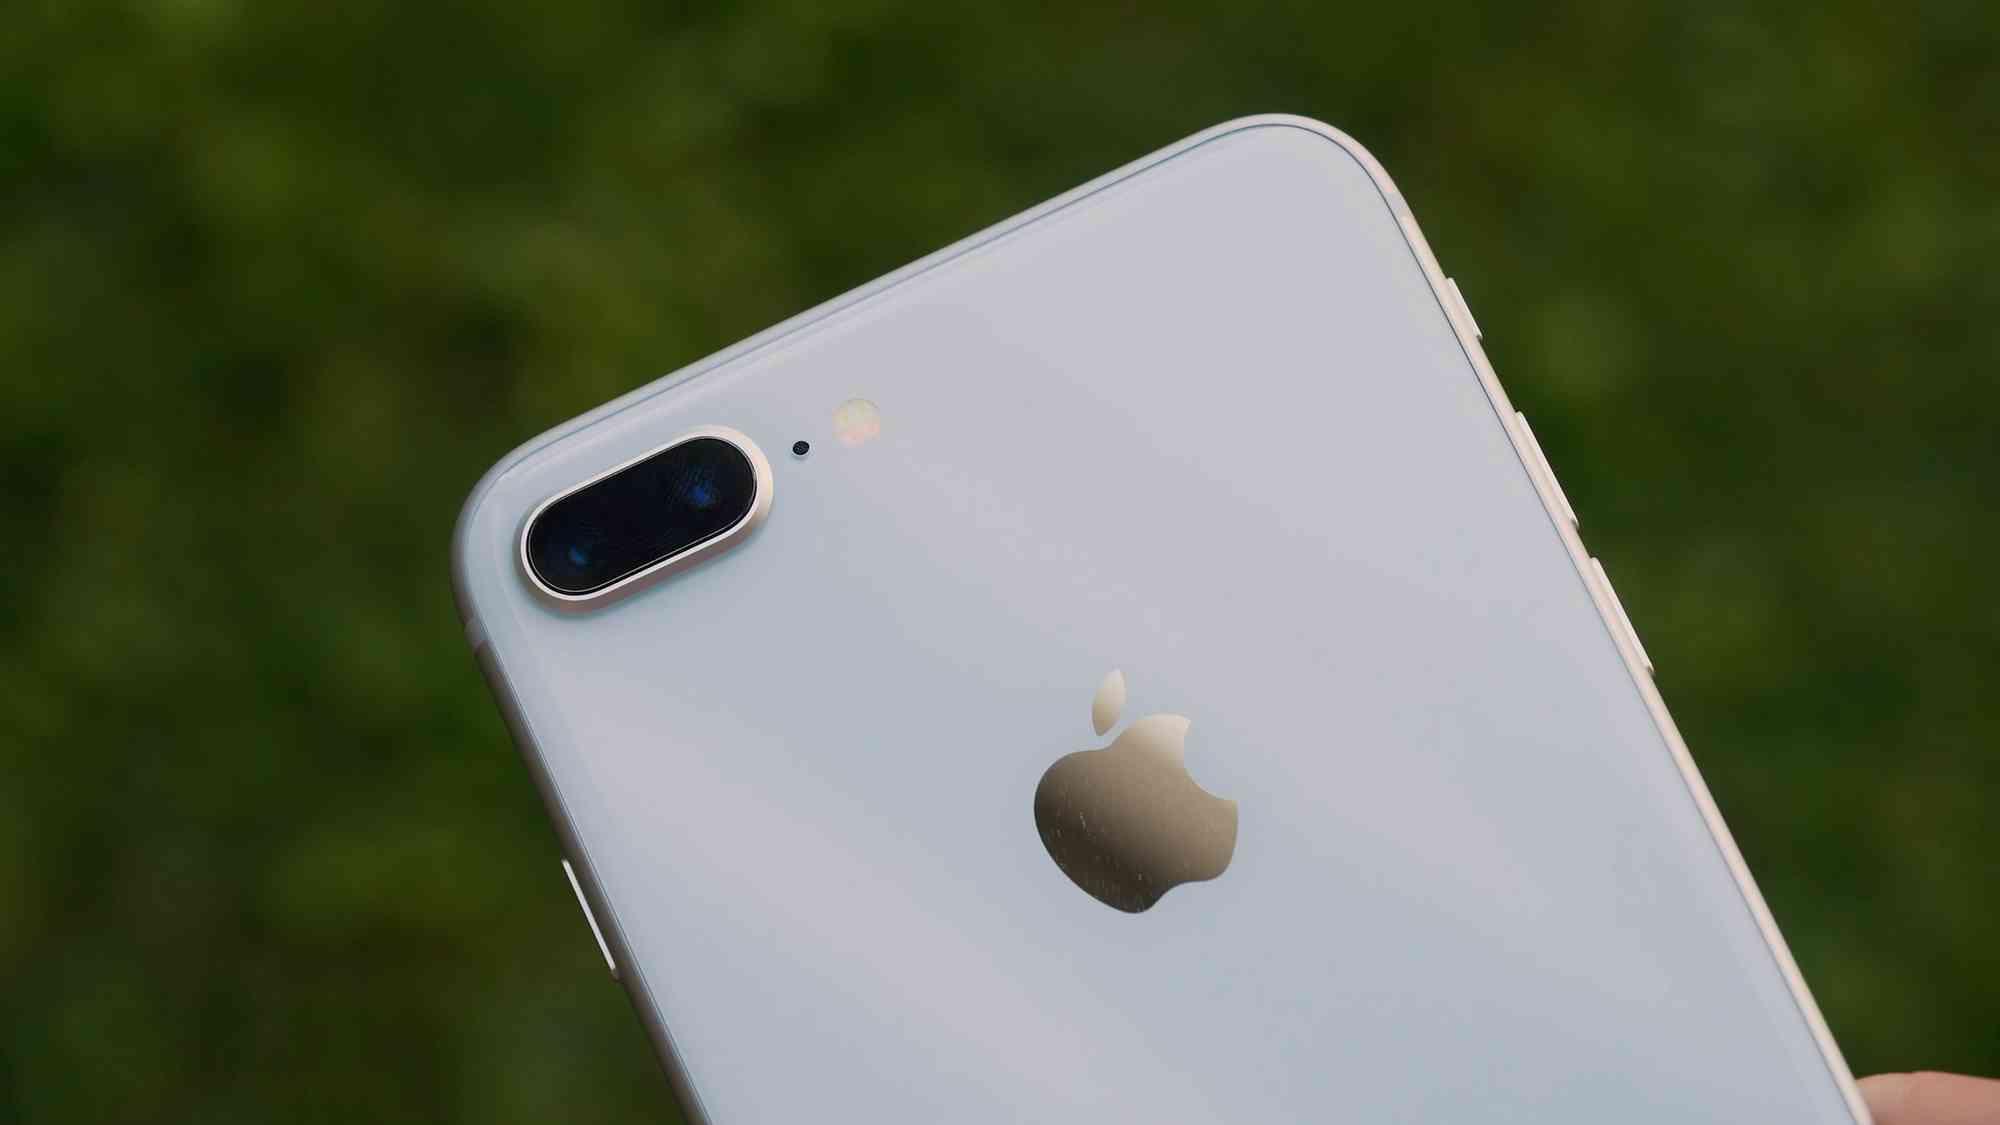 Первый, быстрый обзор iPhone 8 Plus с реальными фото Apple  - iphone8plus_obzor_01-1